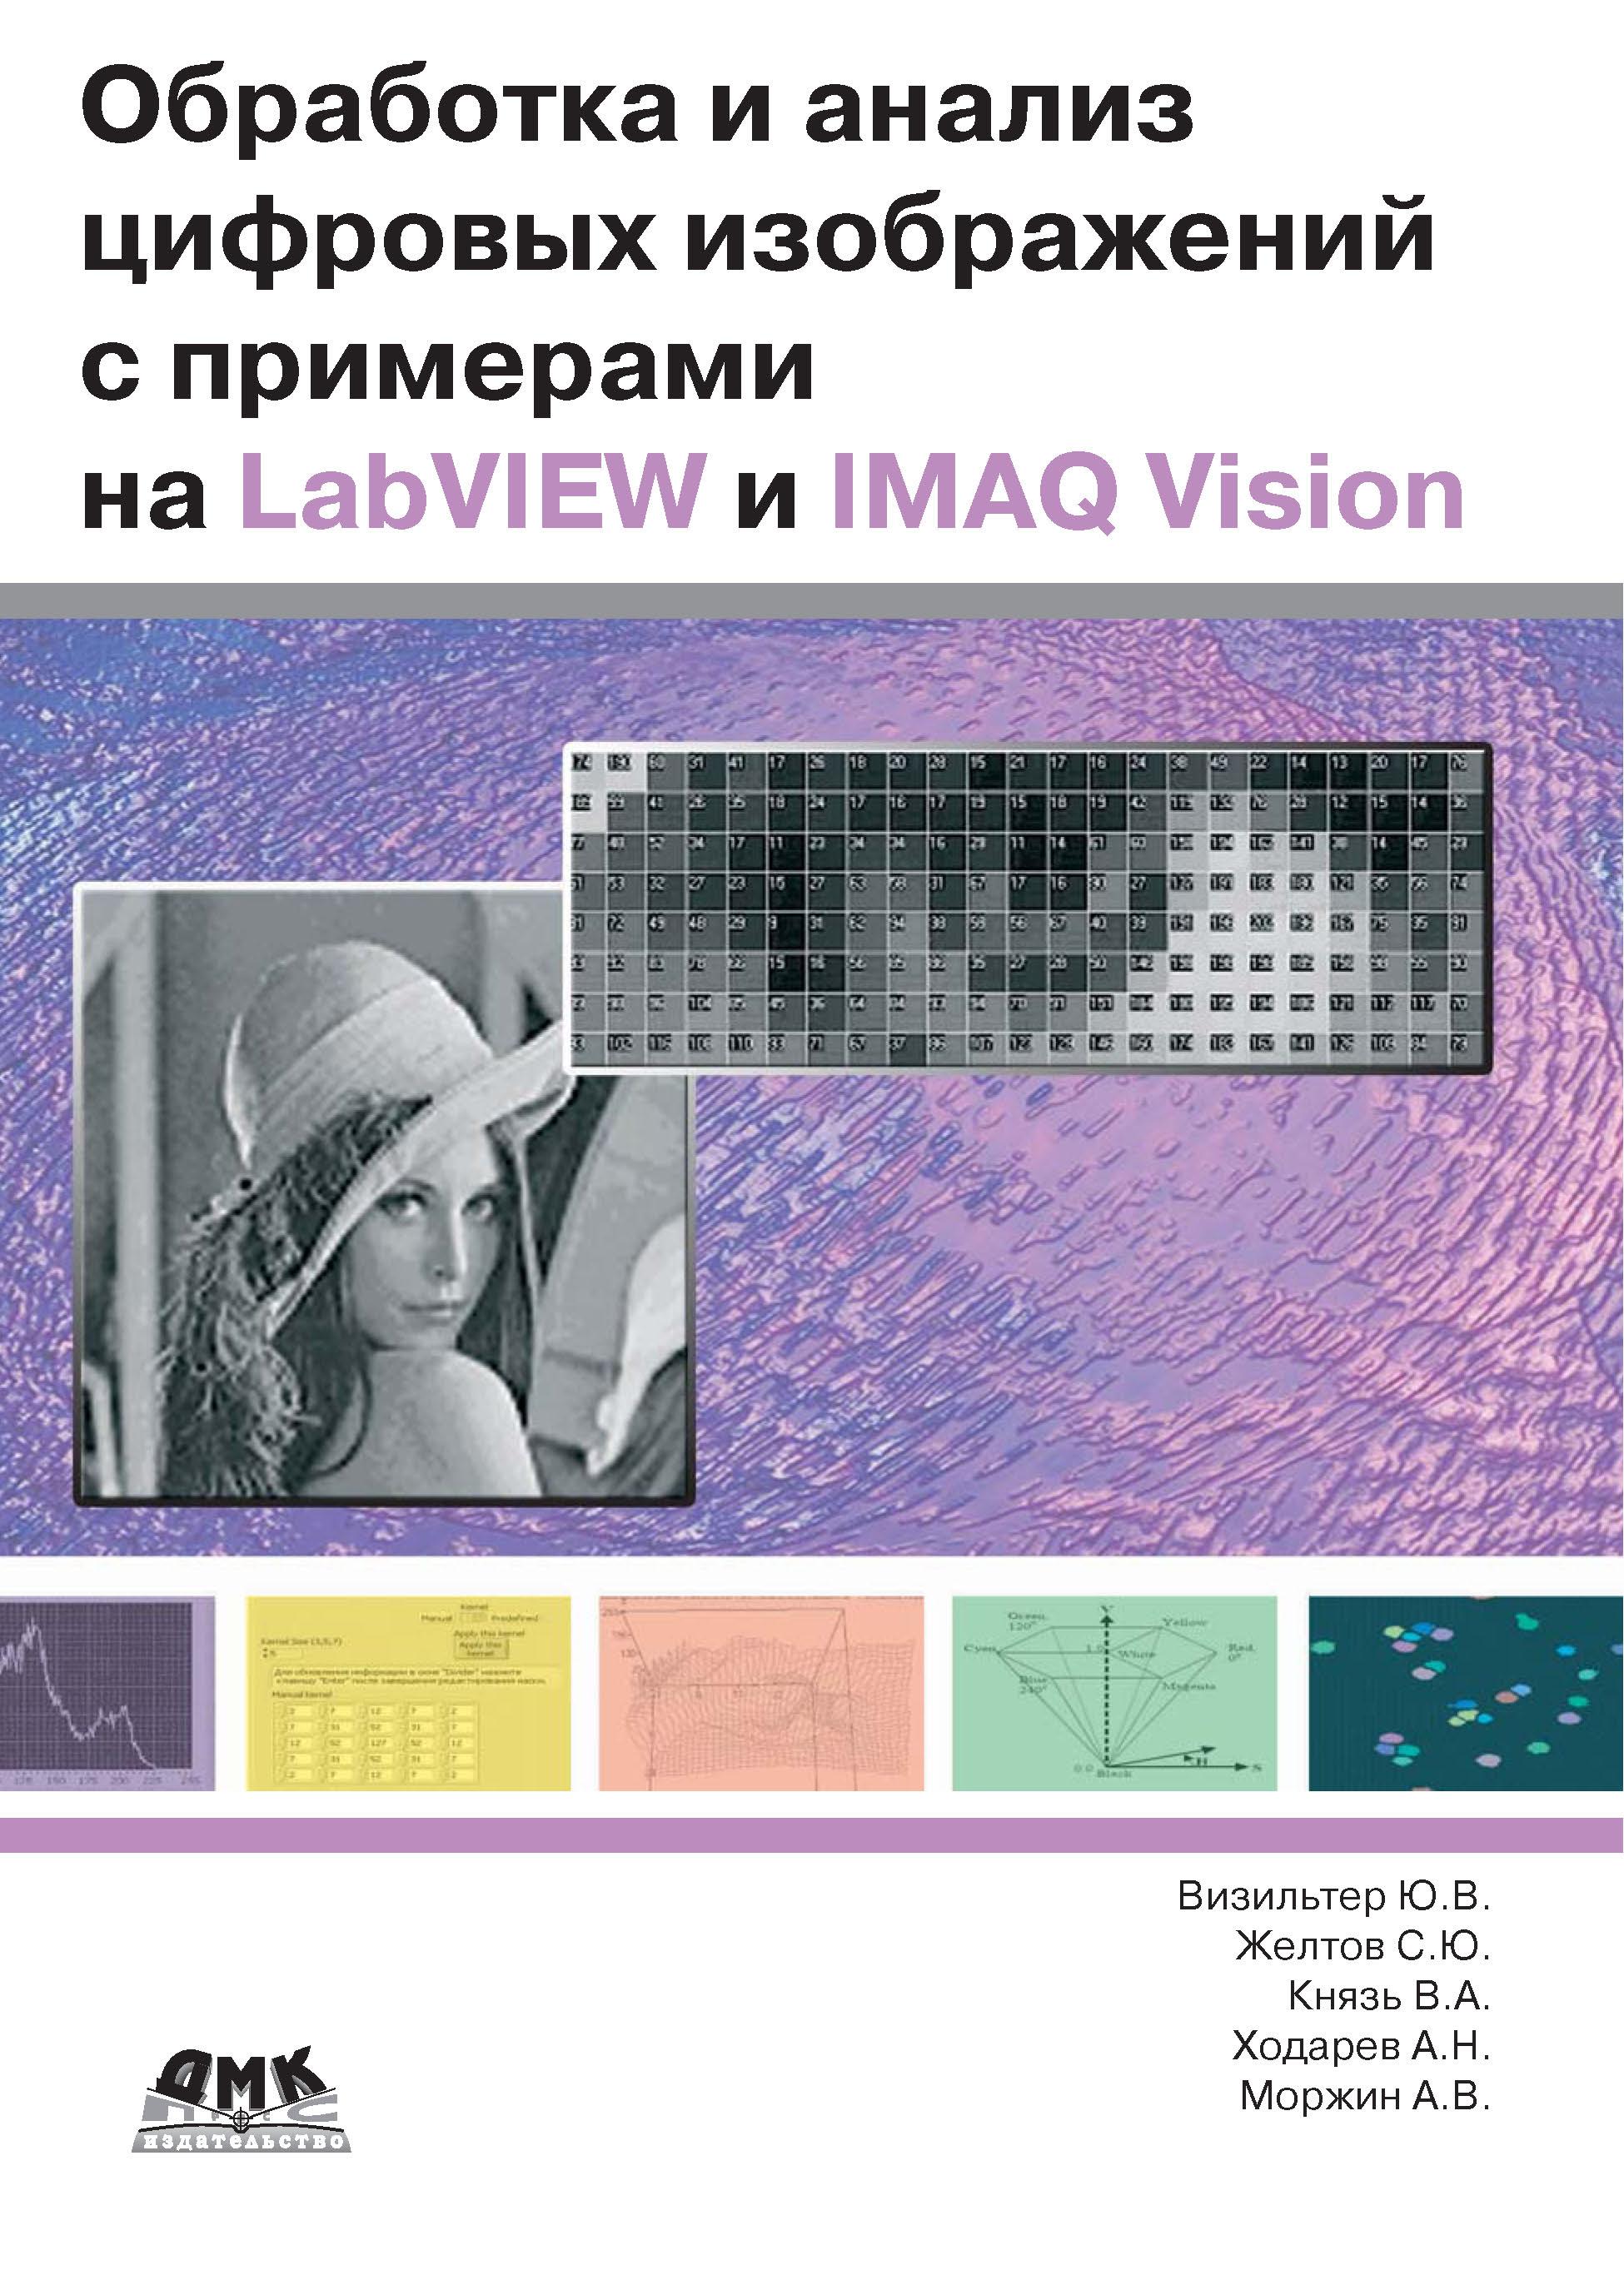 А. В. Моржин Обработка и анализ цифровых изображений с примерами на LabVIEW IMAQ Vision юрий магда labview практический курс для инженеров и разработчиков